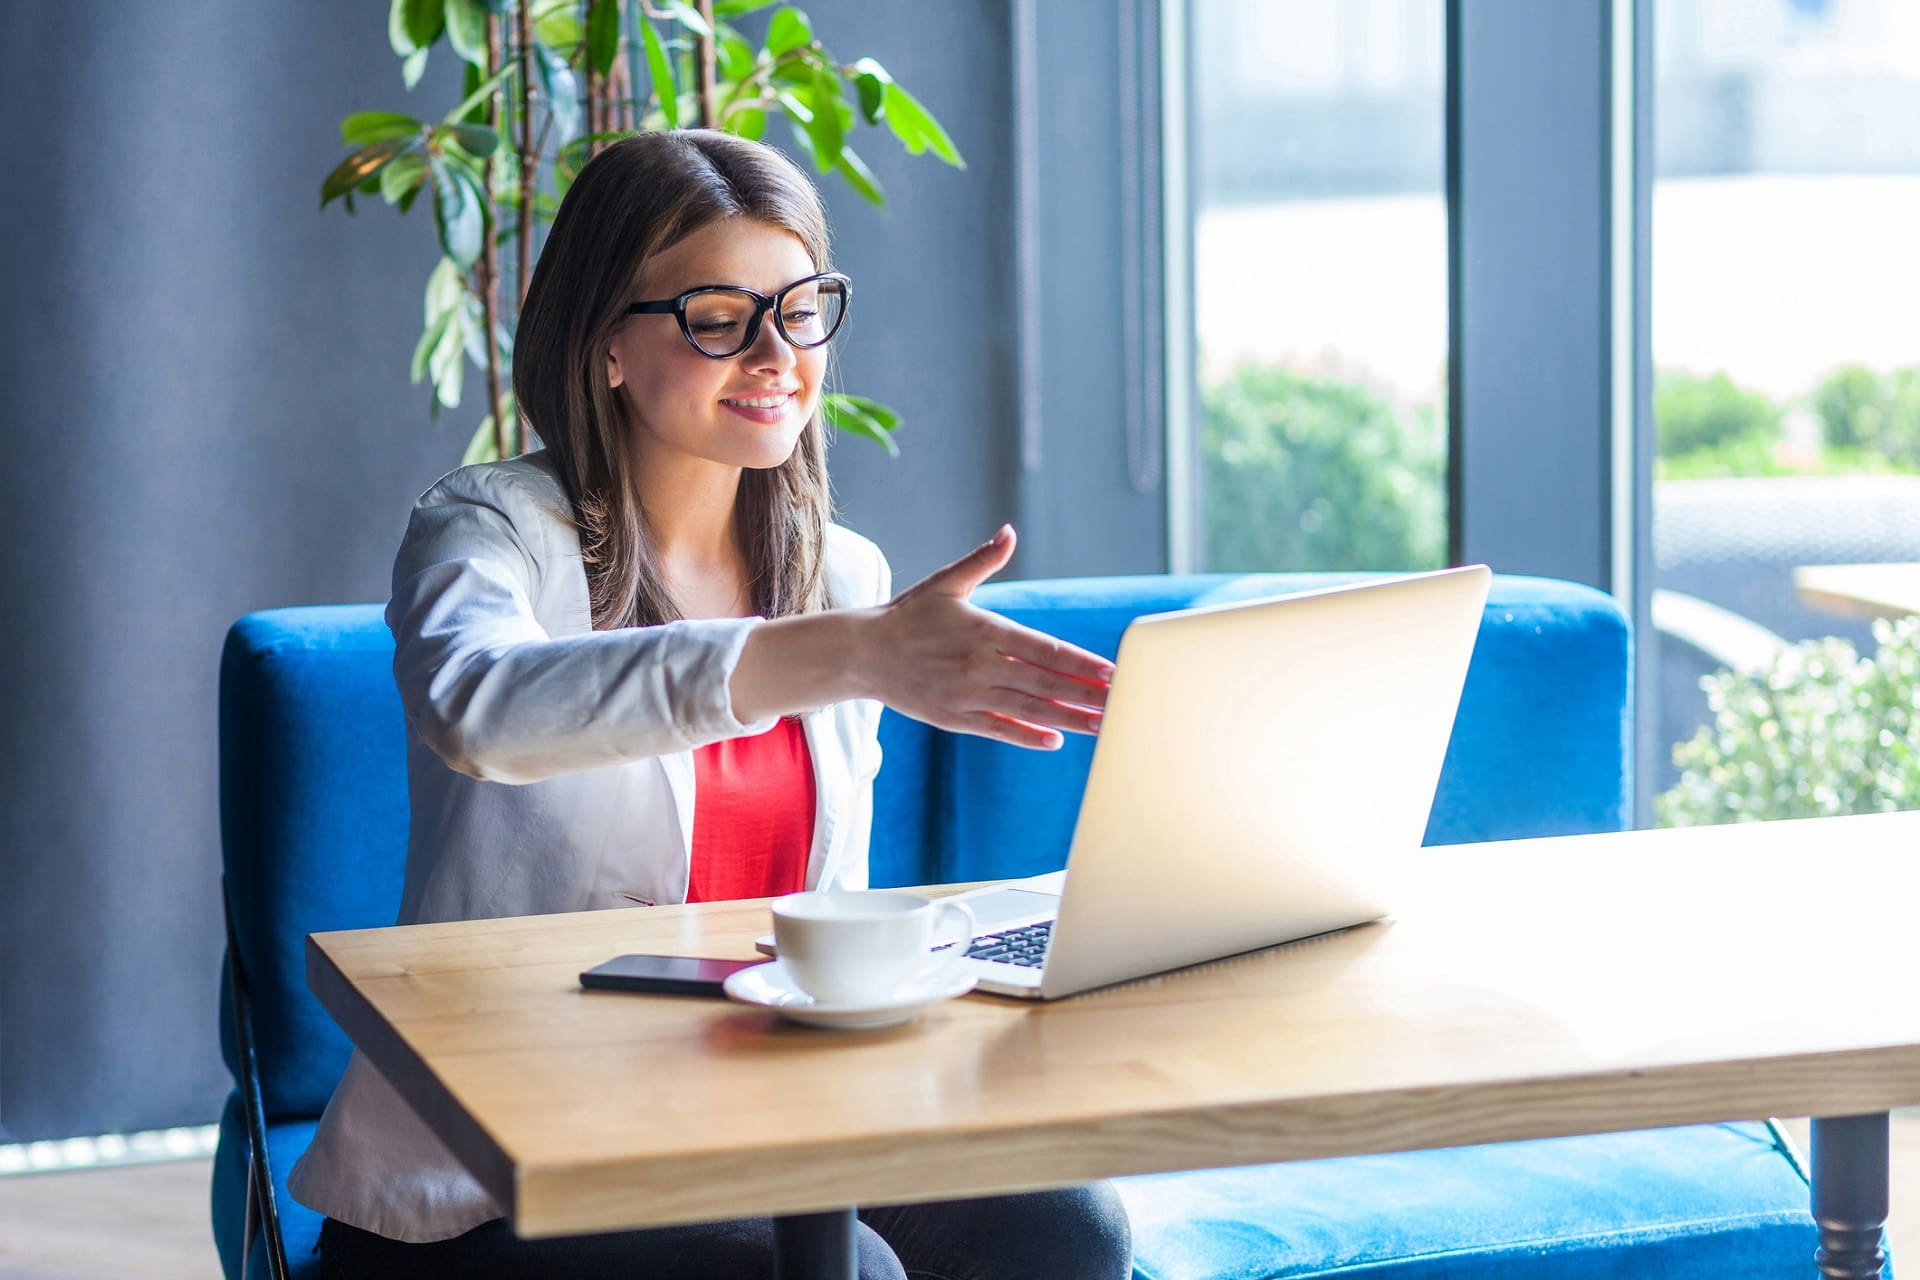 Junge Businessfrau zeigt lächelnd auf einen Laptopbildschirm.